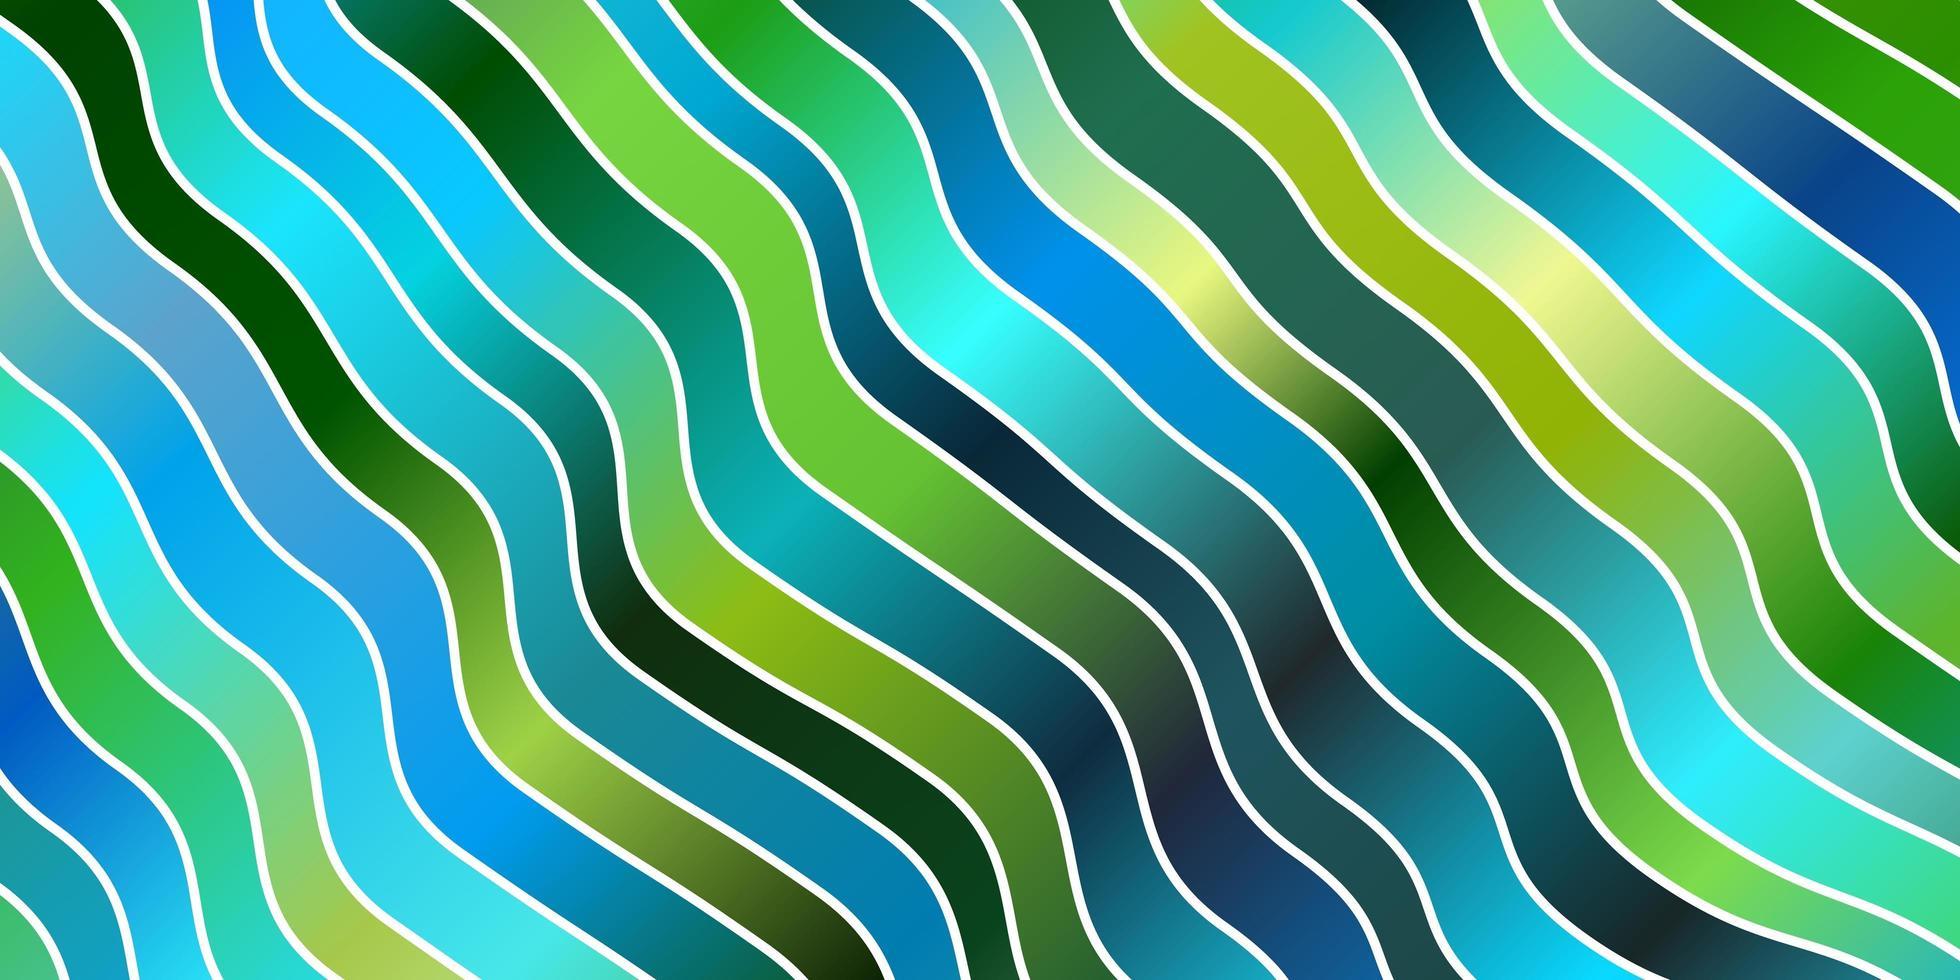 hellblaue, grüne Vektorschablone mit schiefen Linien. vektor